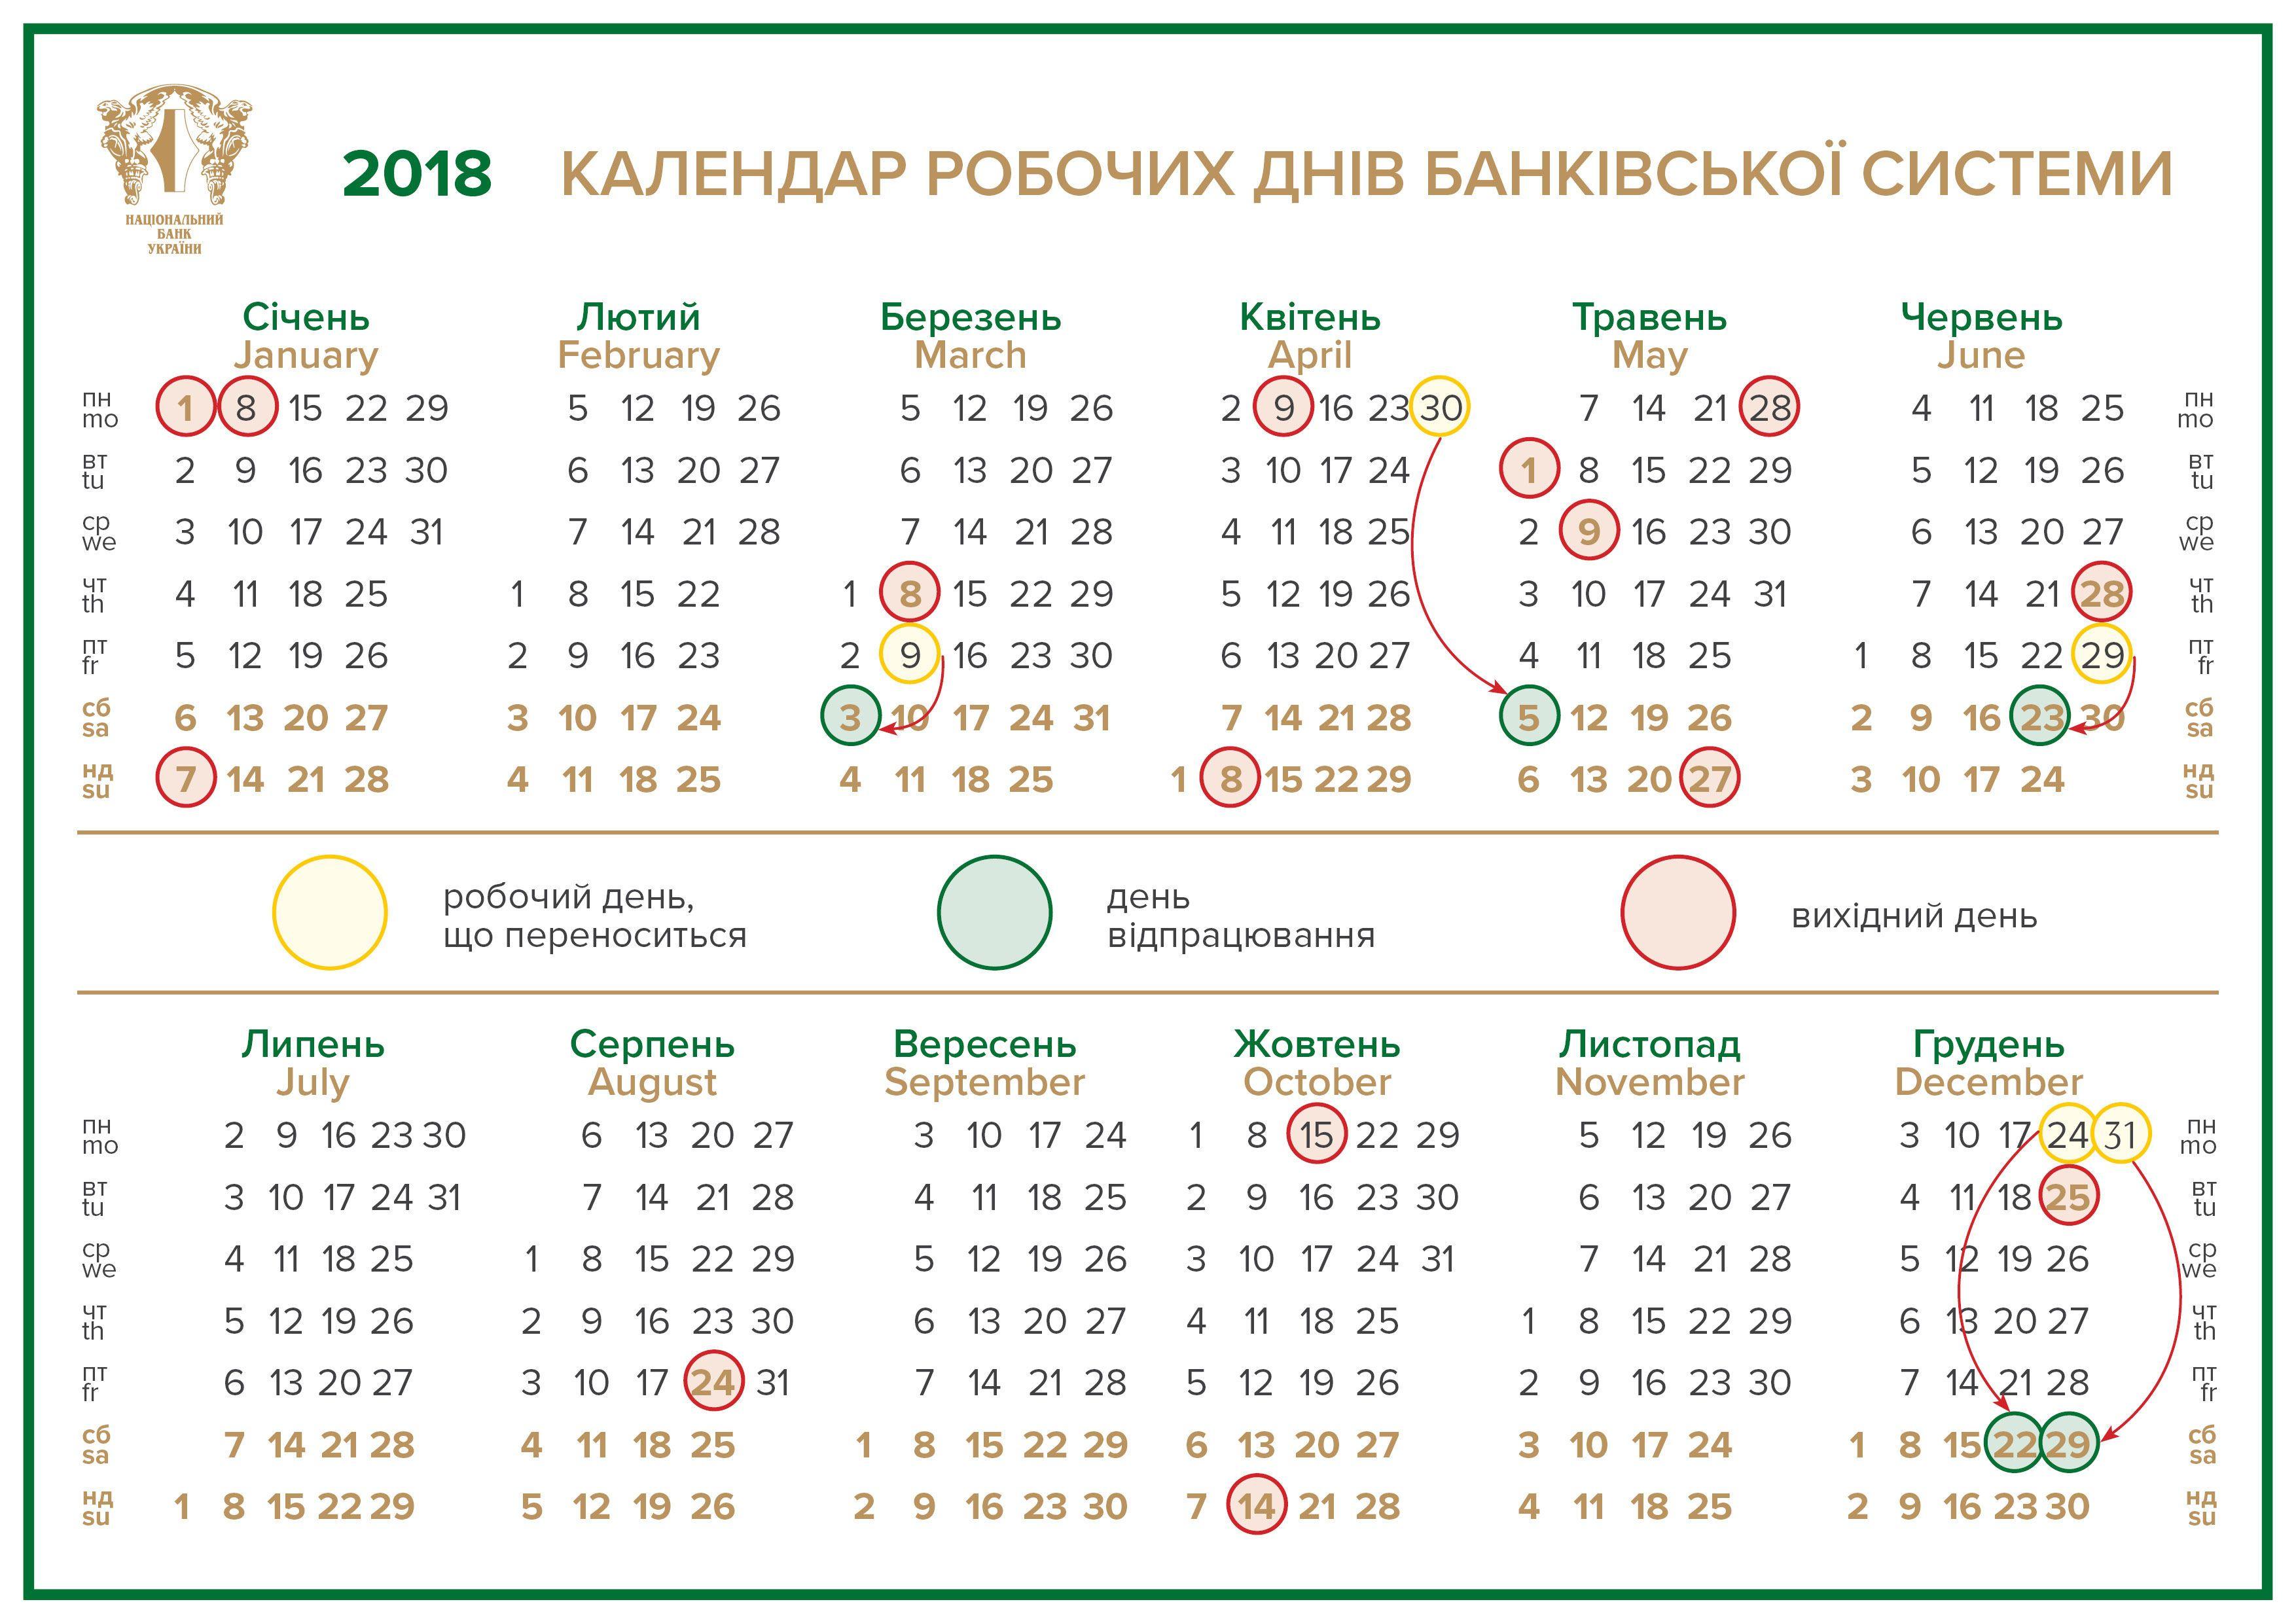 графік вихідних банківської системи в 2018 році